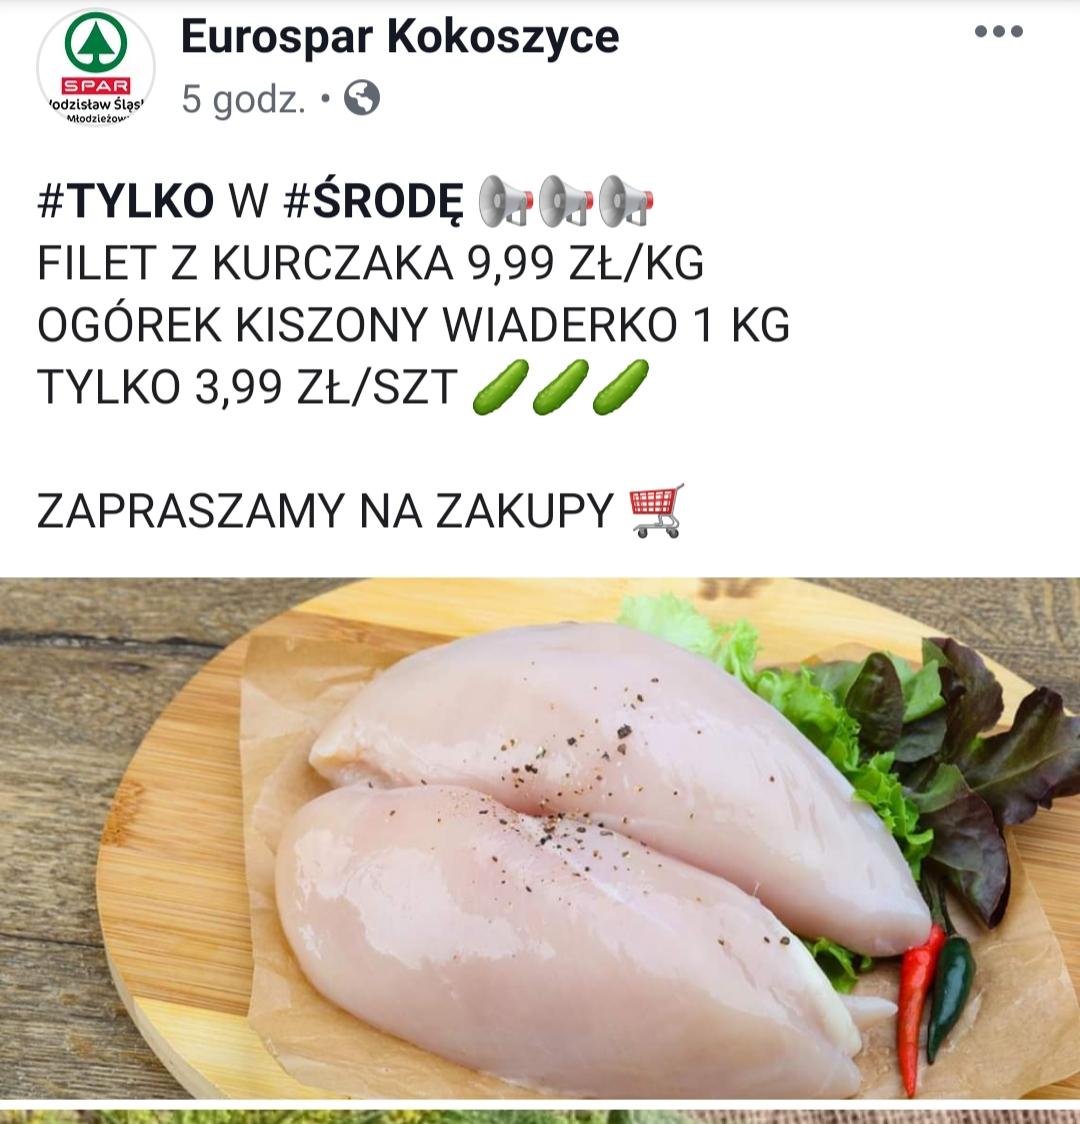 Spar Wodzisław Śląski i Pszów piersi z kurczaka 9.99 zł za kg